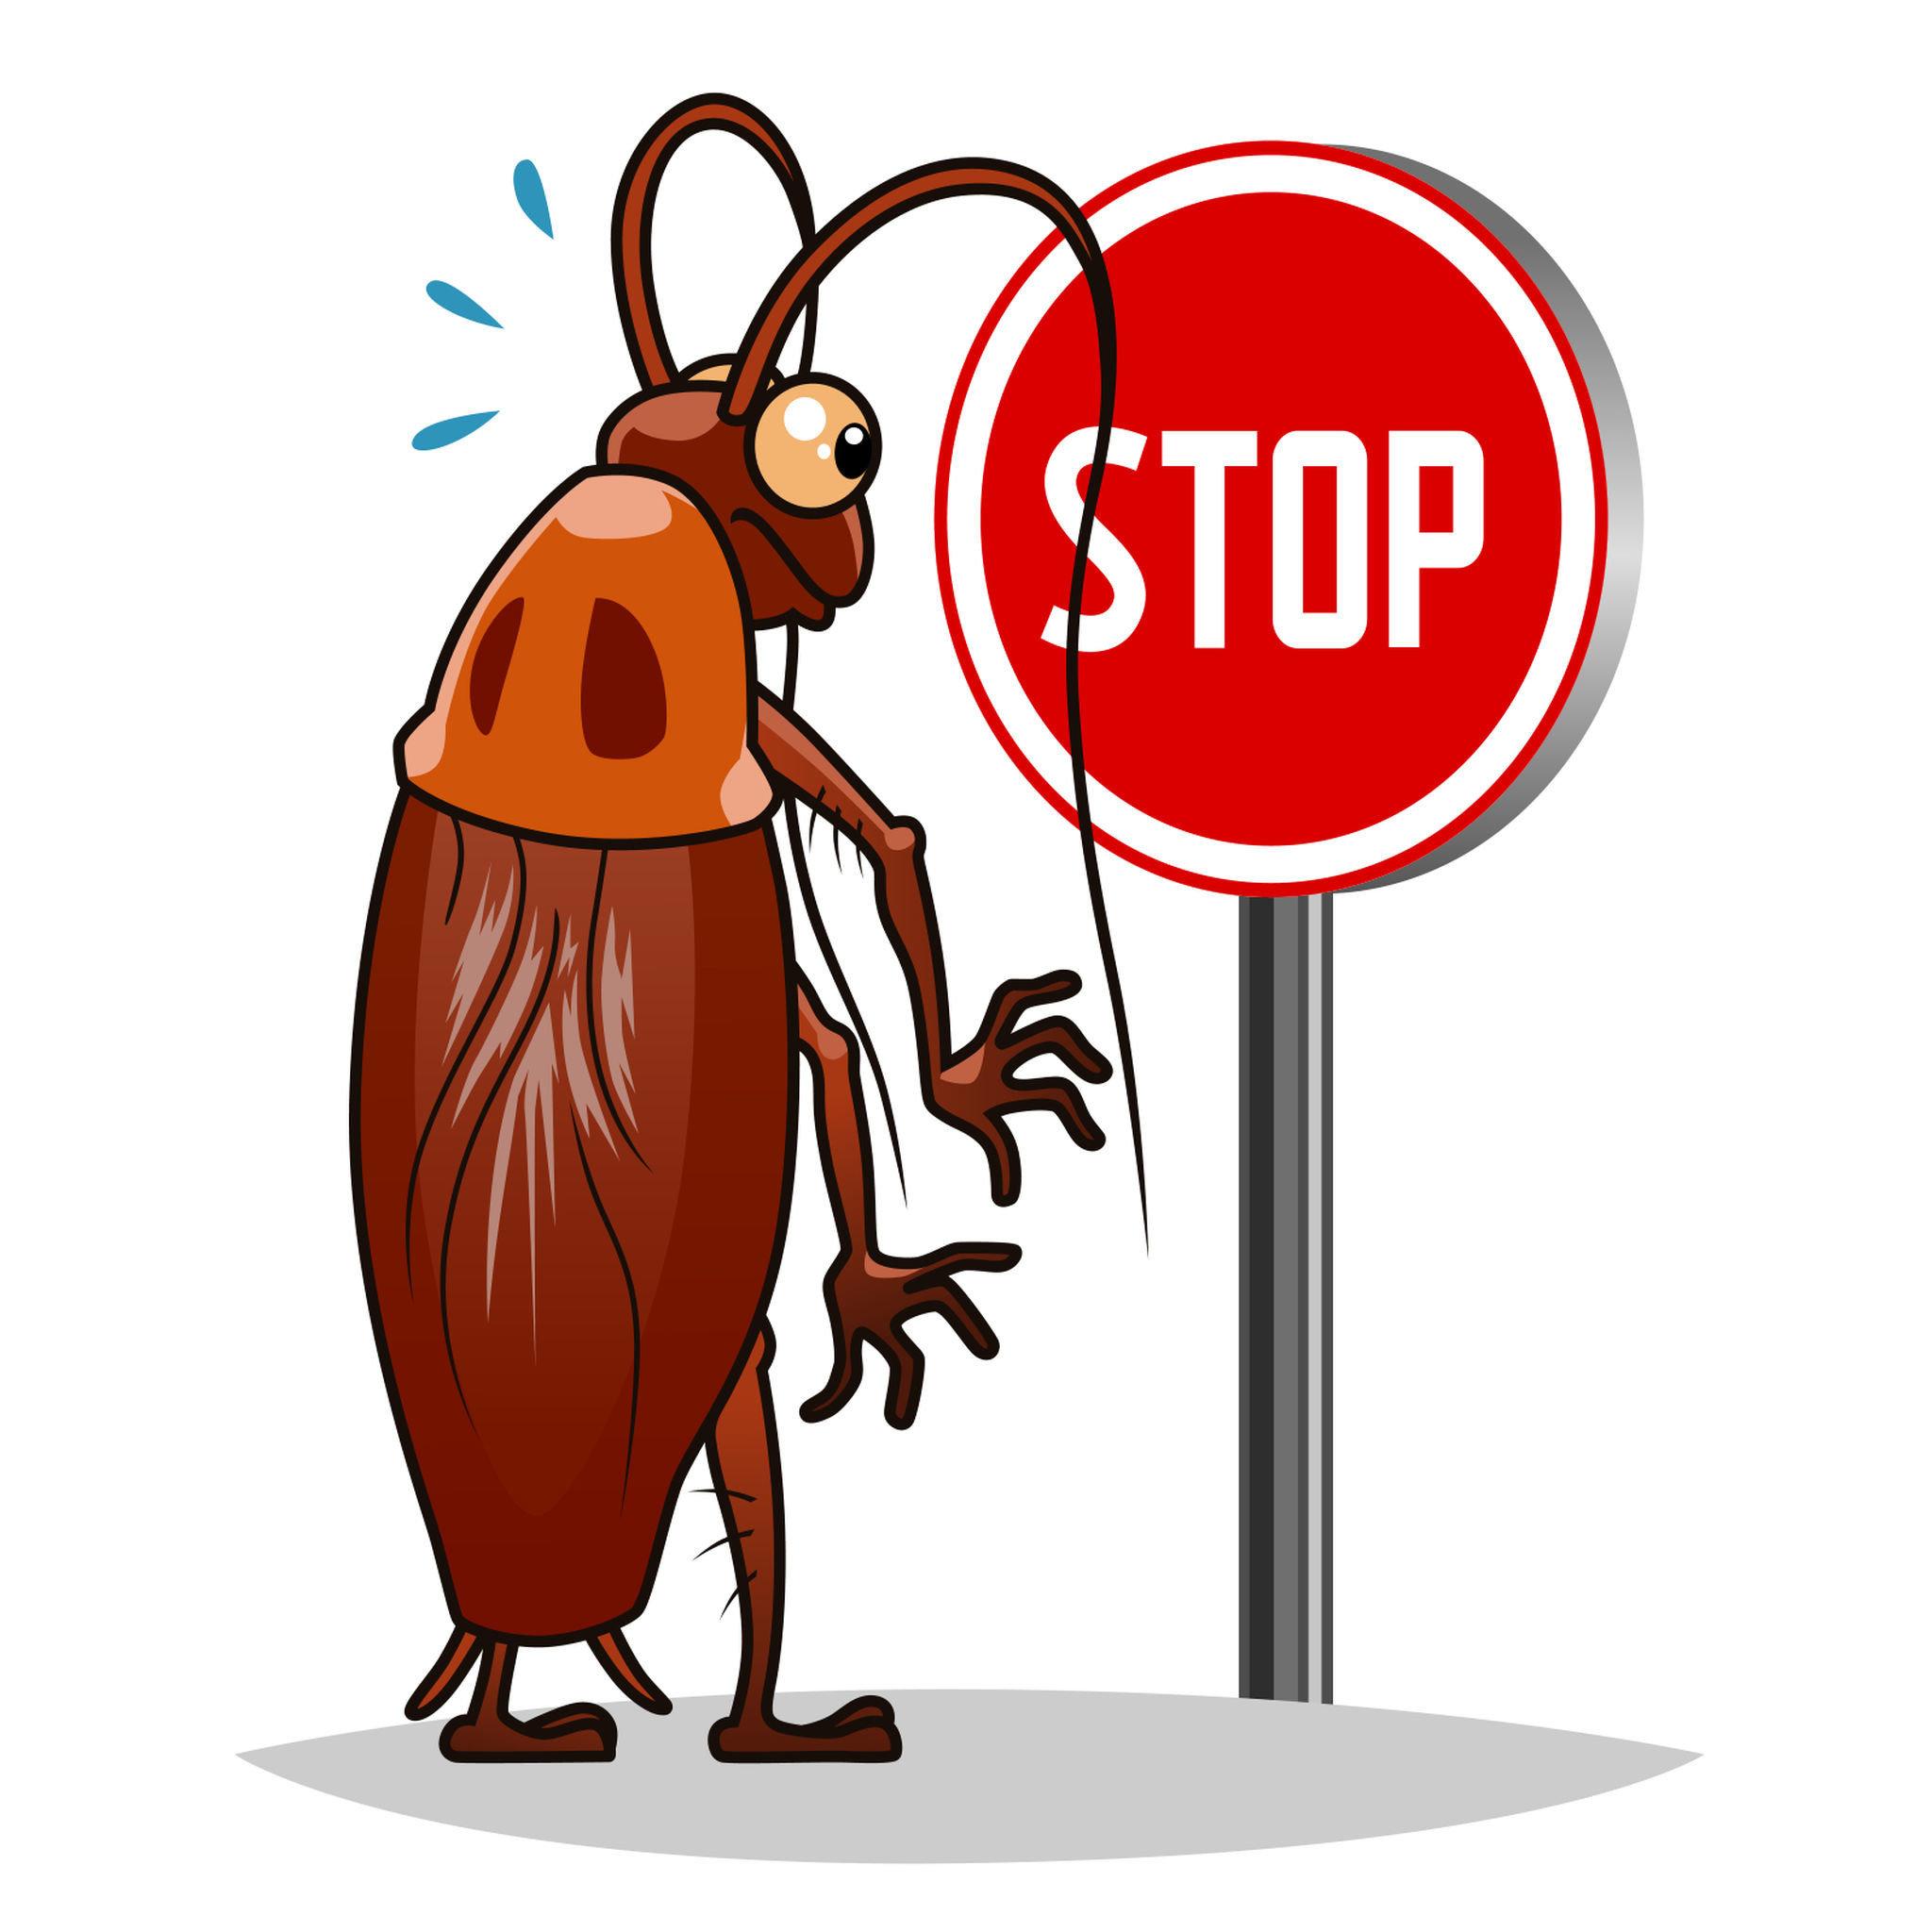 在房間有小蟑螂,應該如何消滅小蟑螂,是採用小蟑螂藥,小蟑螂如何消滅,這邊將說明蟑螂會造成哪些危害。